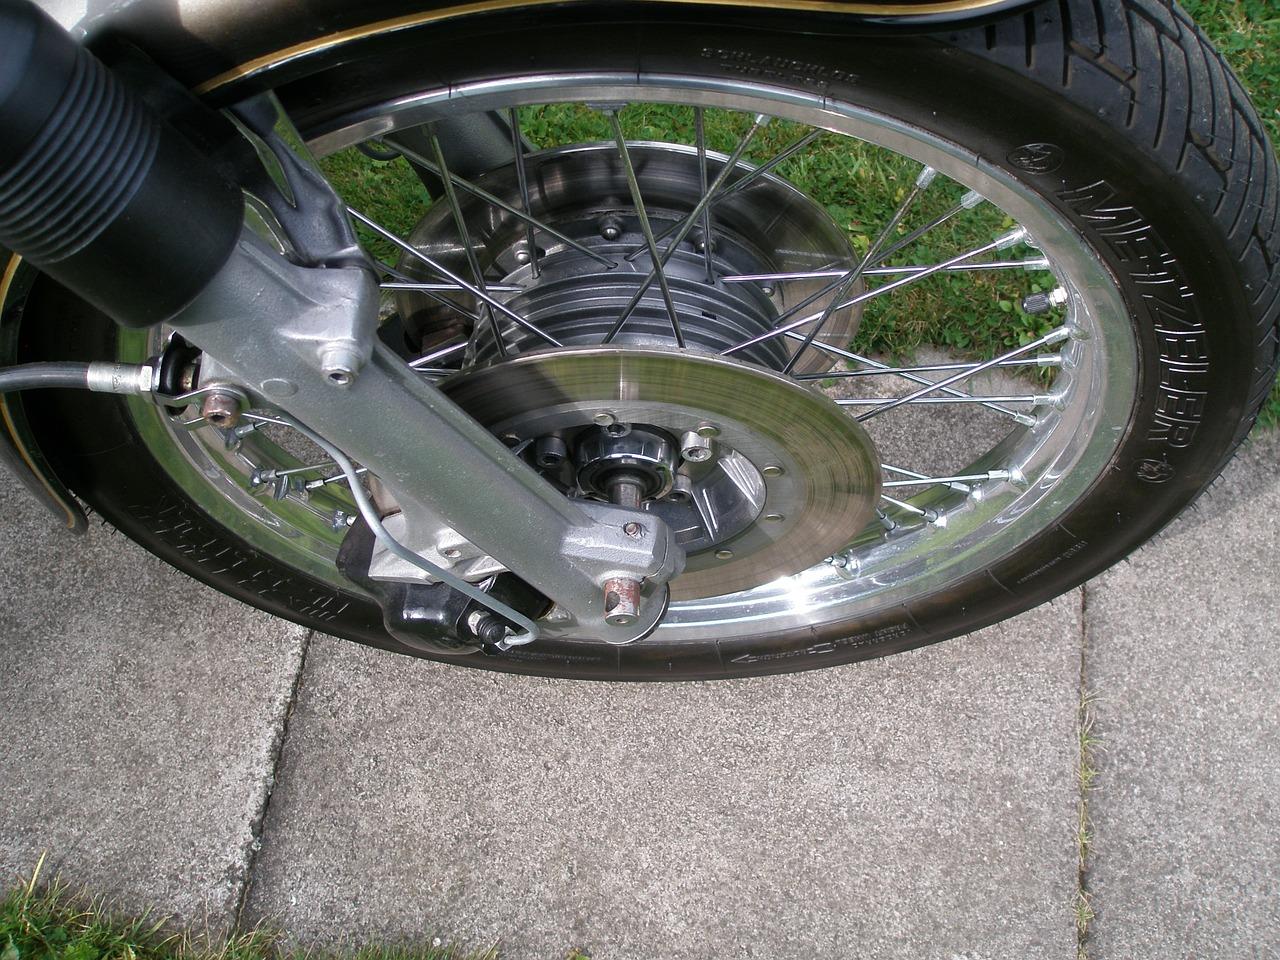 Woran erkenne ich, ob meine Reifen noch gut sind?